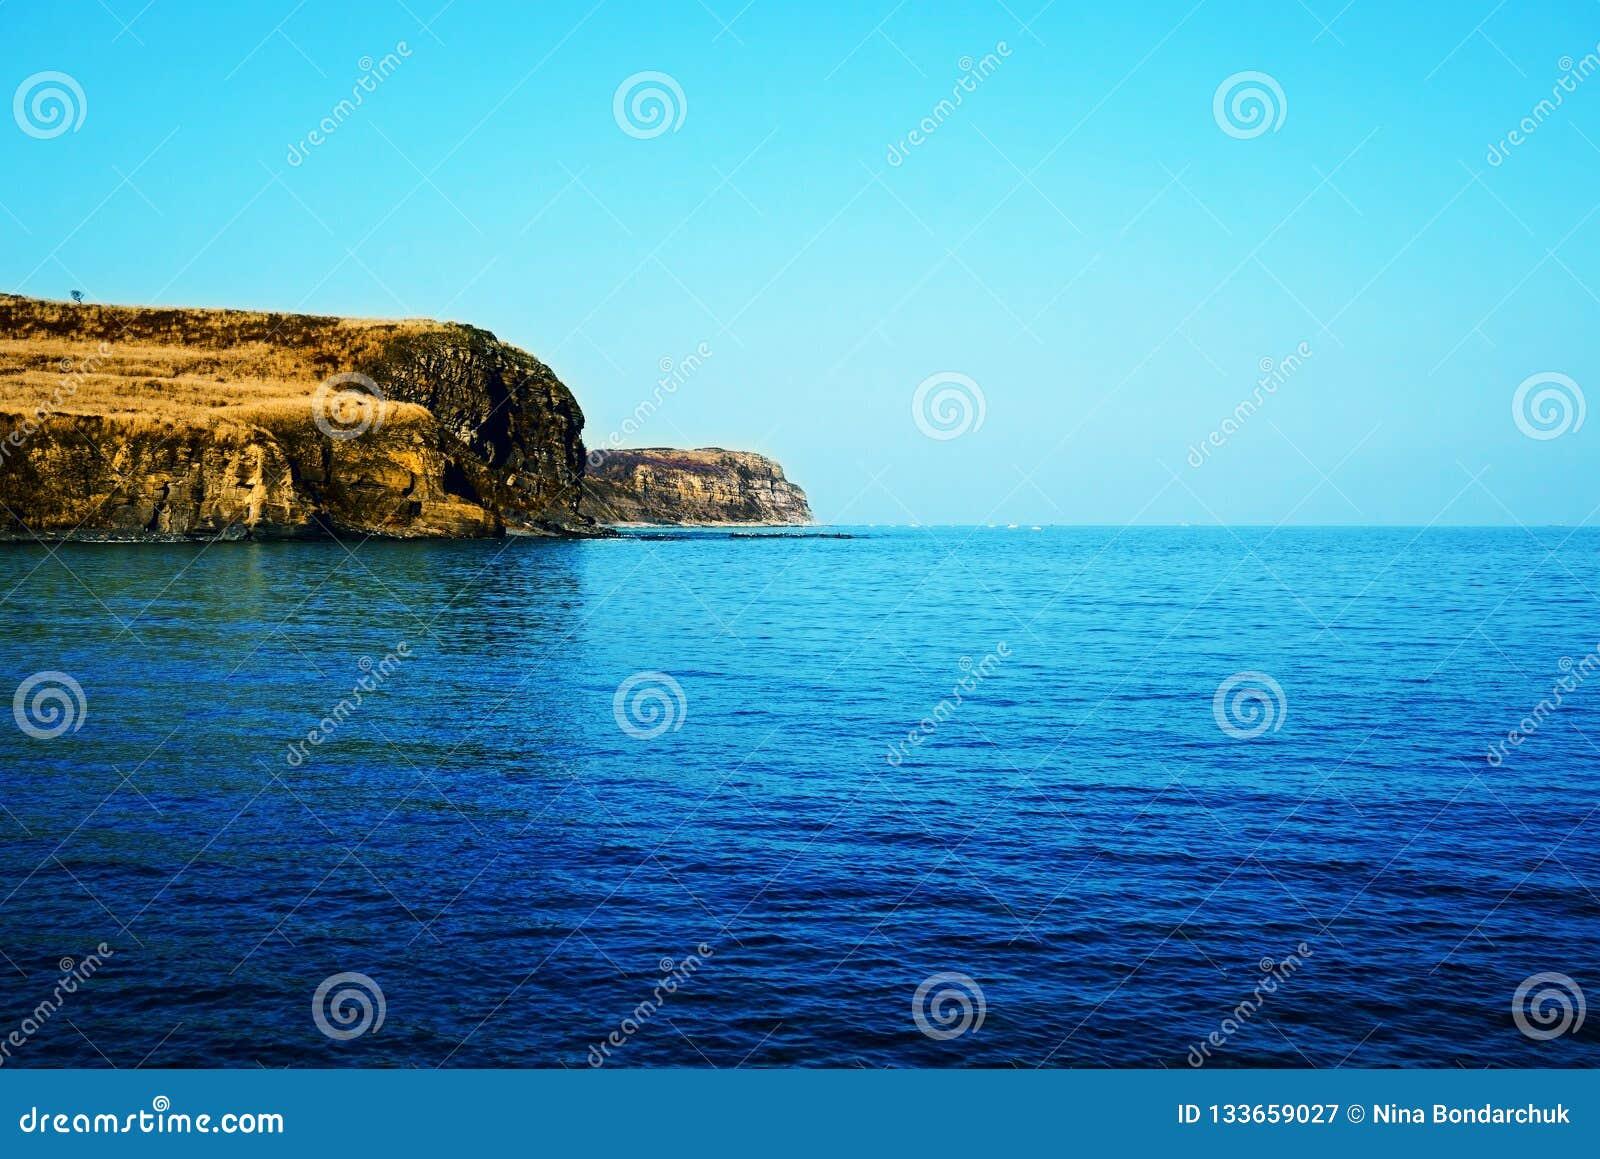 Litoral rochoso perto da água do mar brilhante de turquesa Rússia, Vladivo